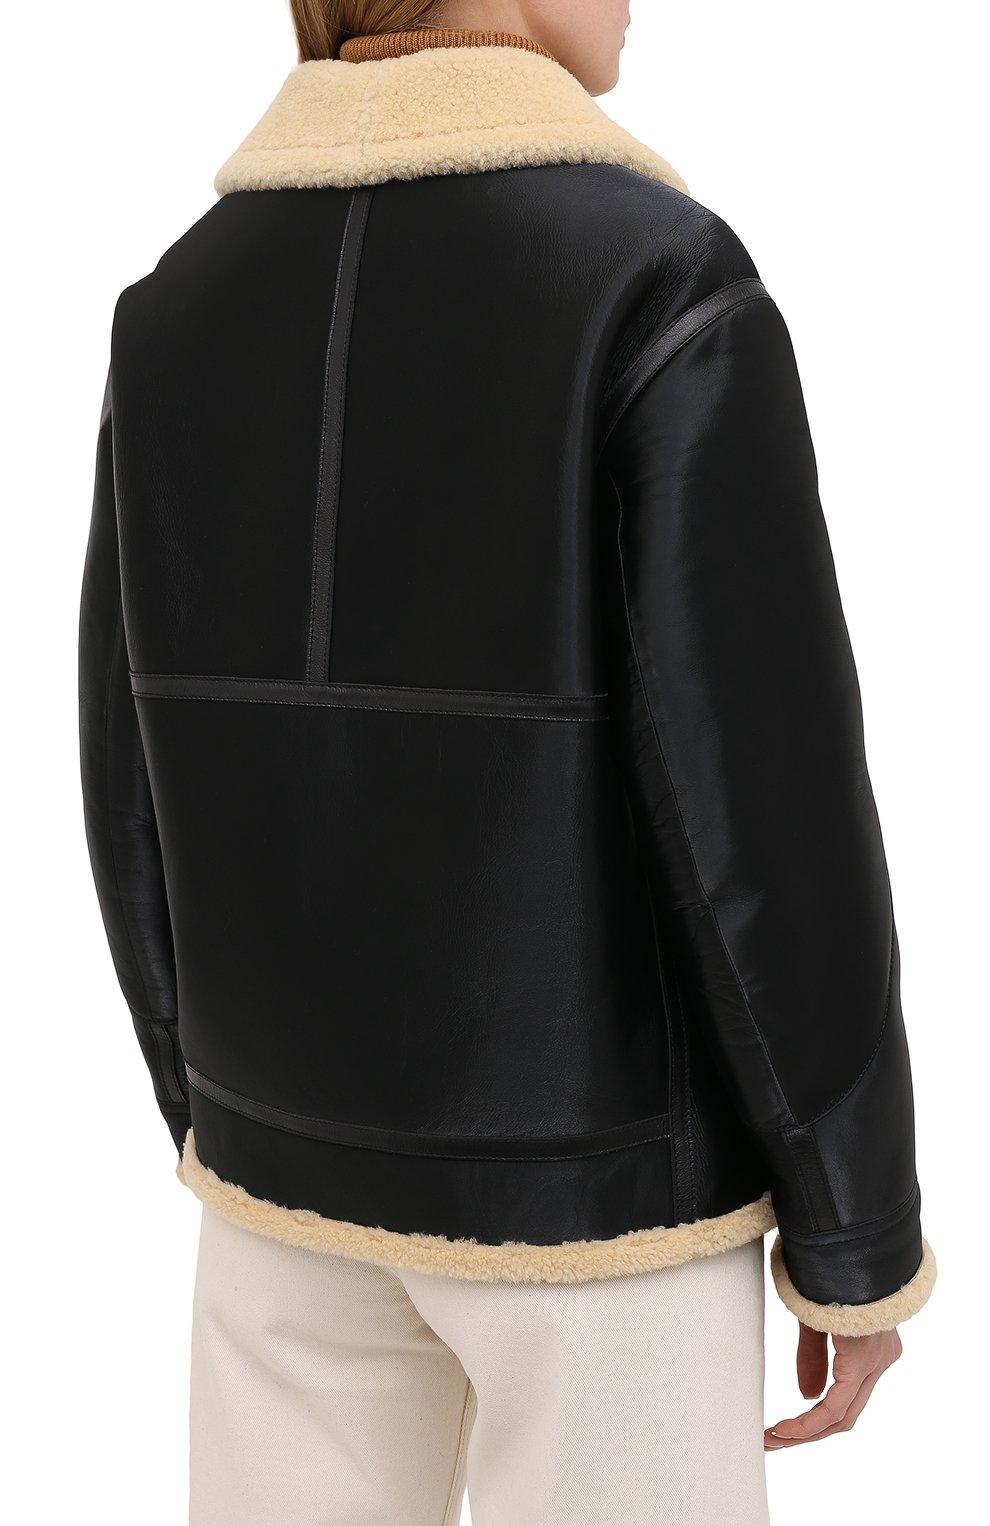 Женская дубленка из овчины RALPH LAUREN черного цвета, арт. 290820362   Фото 4 (Женское Кросс-КТ: Мех; Рукава: Длинные; Материал внешний: Натуральный мех; Длина (верхняя одежда): Короткие; Стили: Кэжуэл)